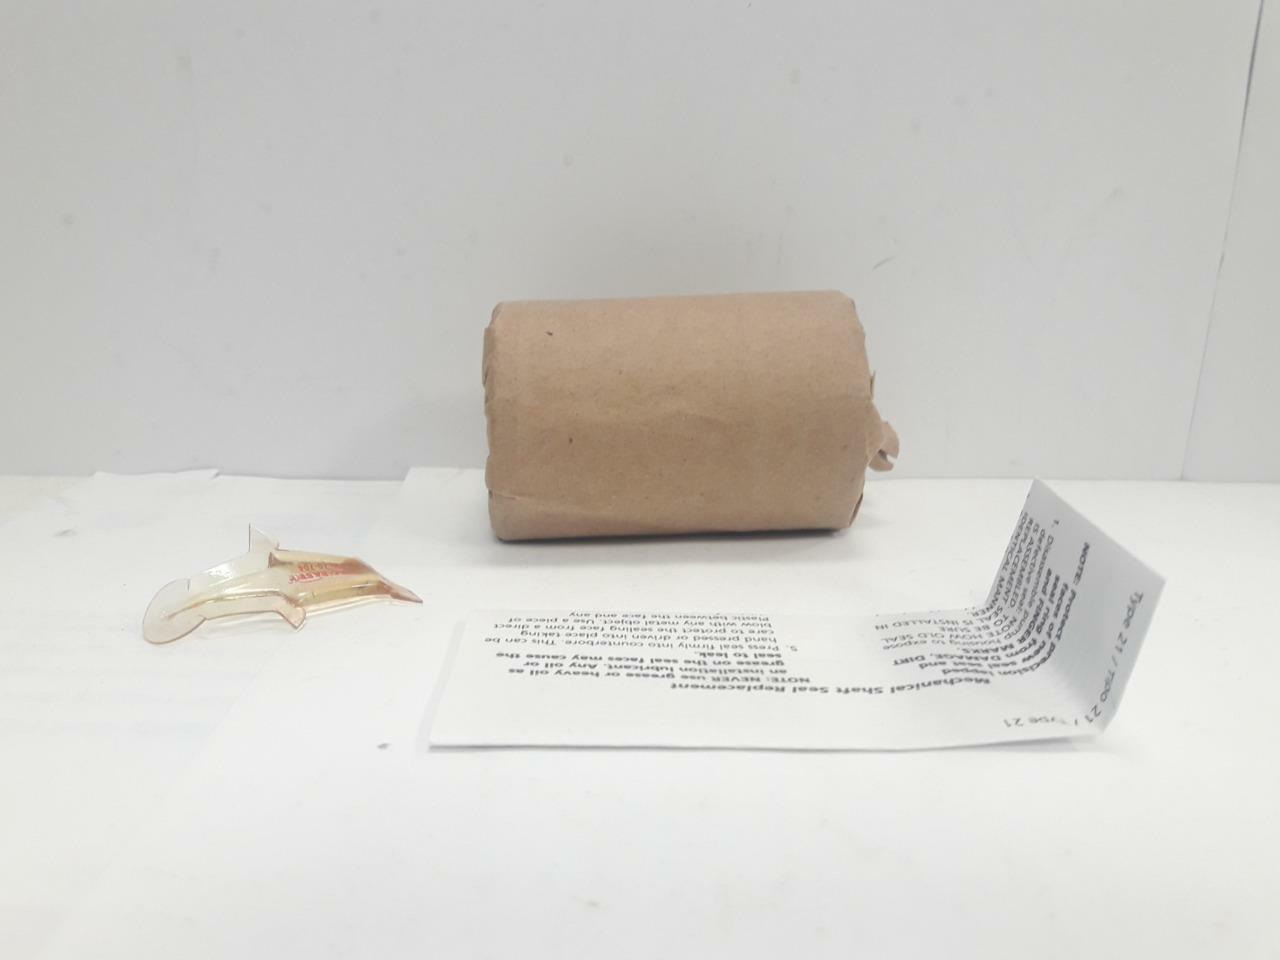 FLOWSERVE Seal,Pump Shaft,1 In 21-100-250